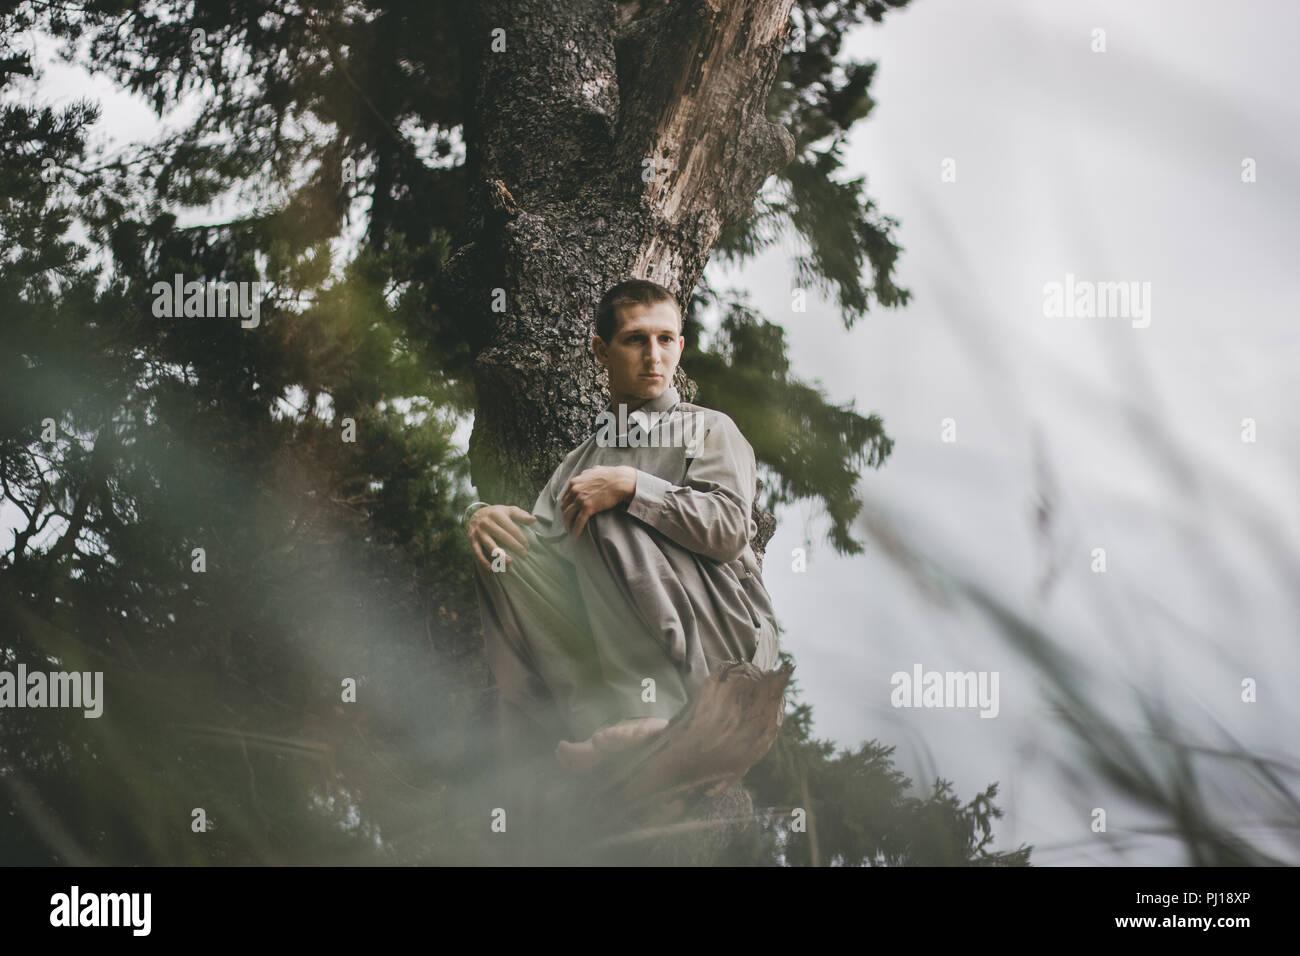 Man bewegt sich in der Natur Wald Stockbild